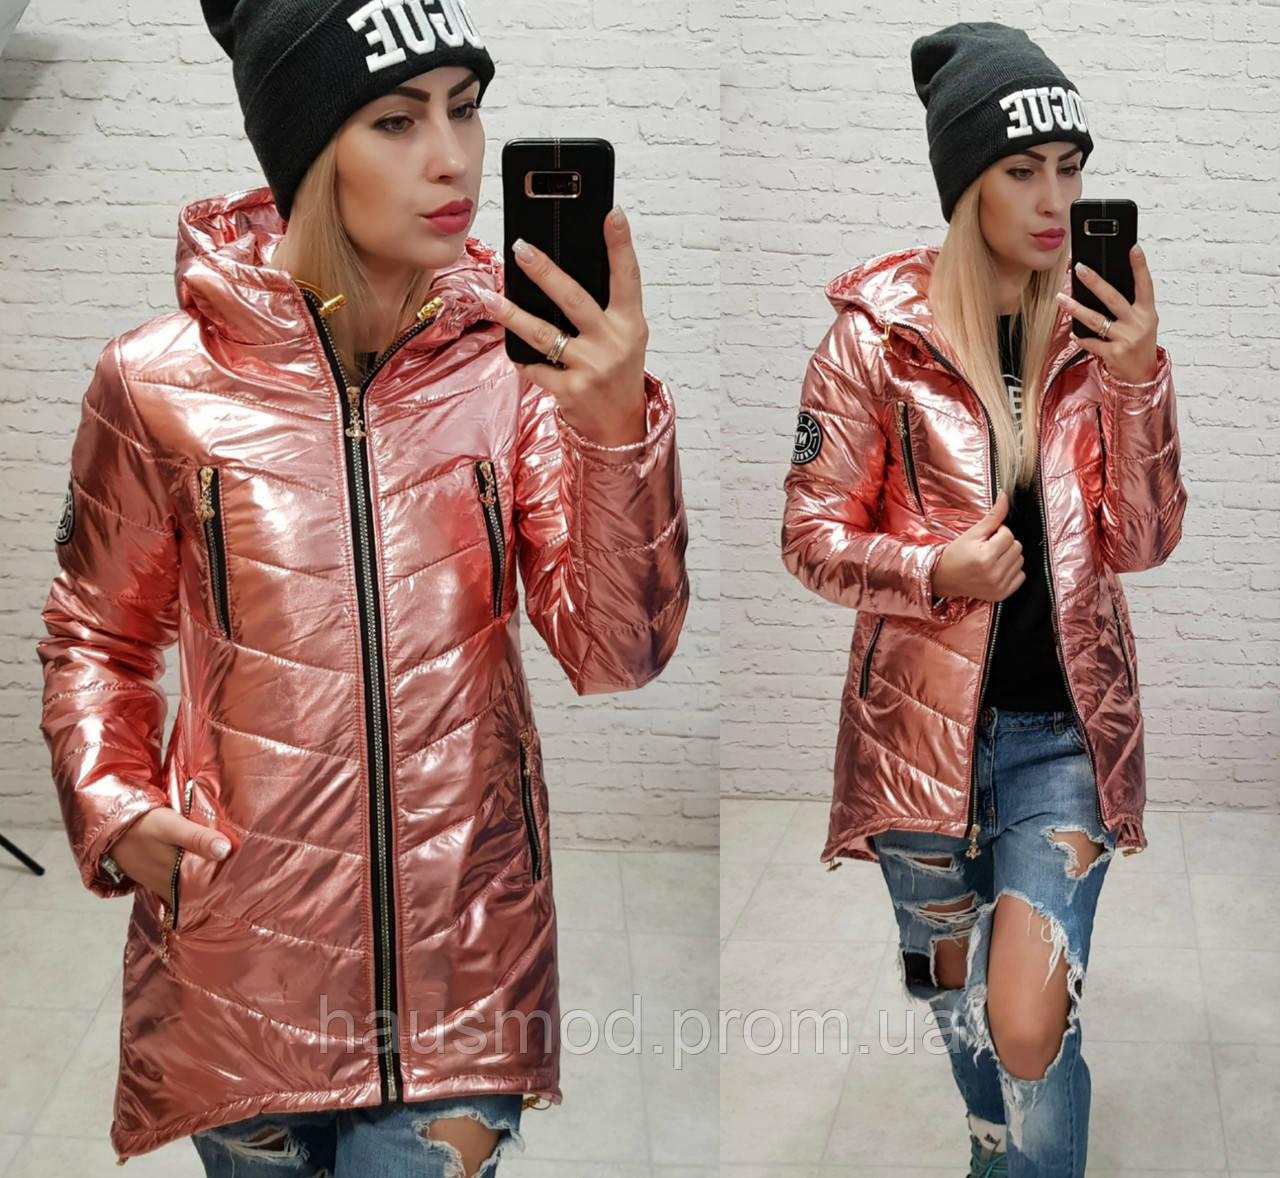 Новинка удлиненная стеганная стильная куртка фольгированная плащевка розовая 42 44 46 48